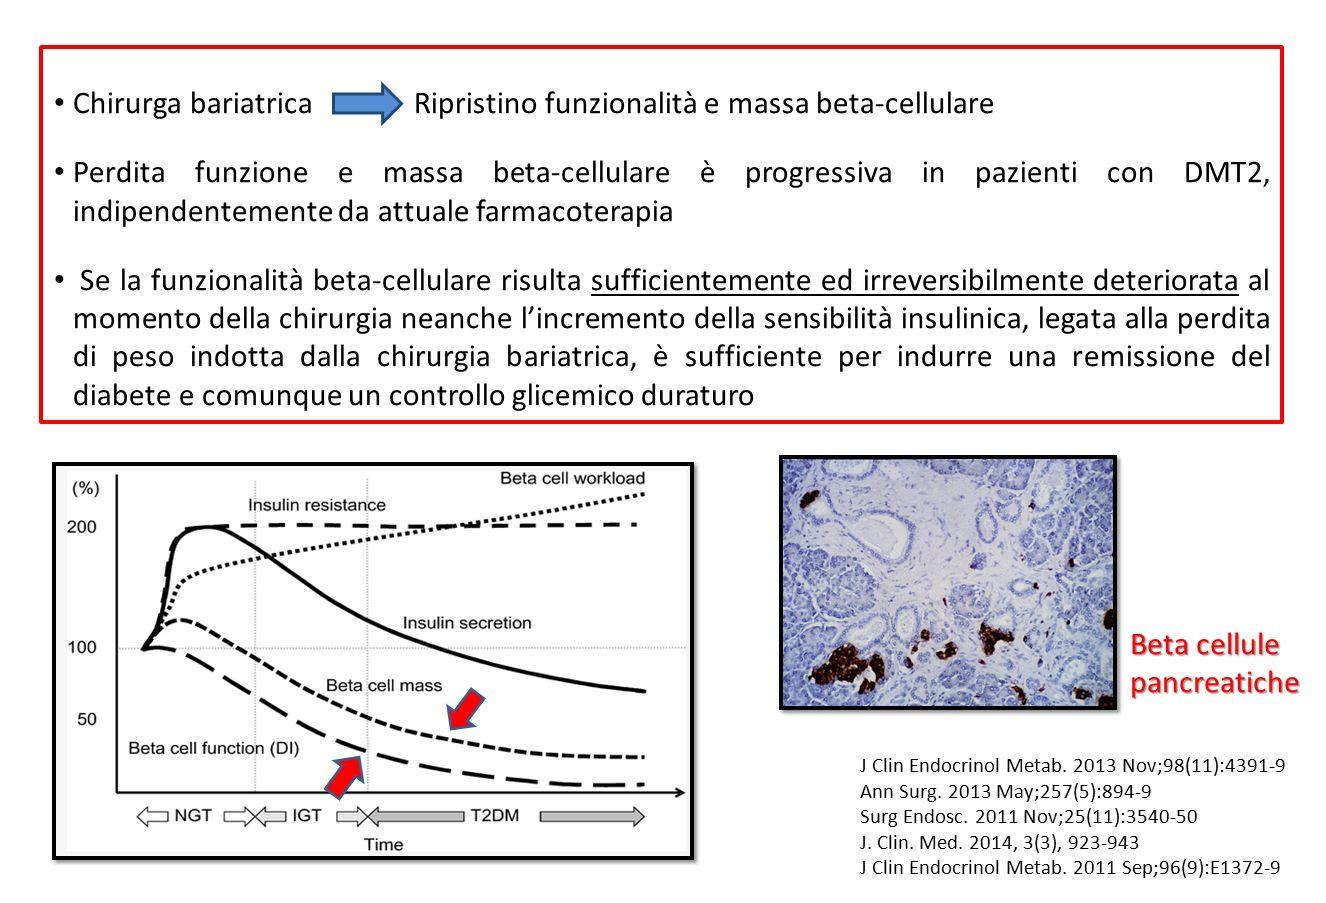 Chirurga bariatrica Ripristino funzionalità e massa beta-cellulare